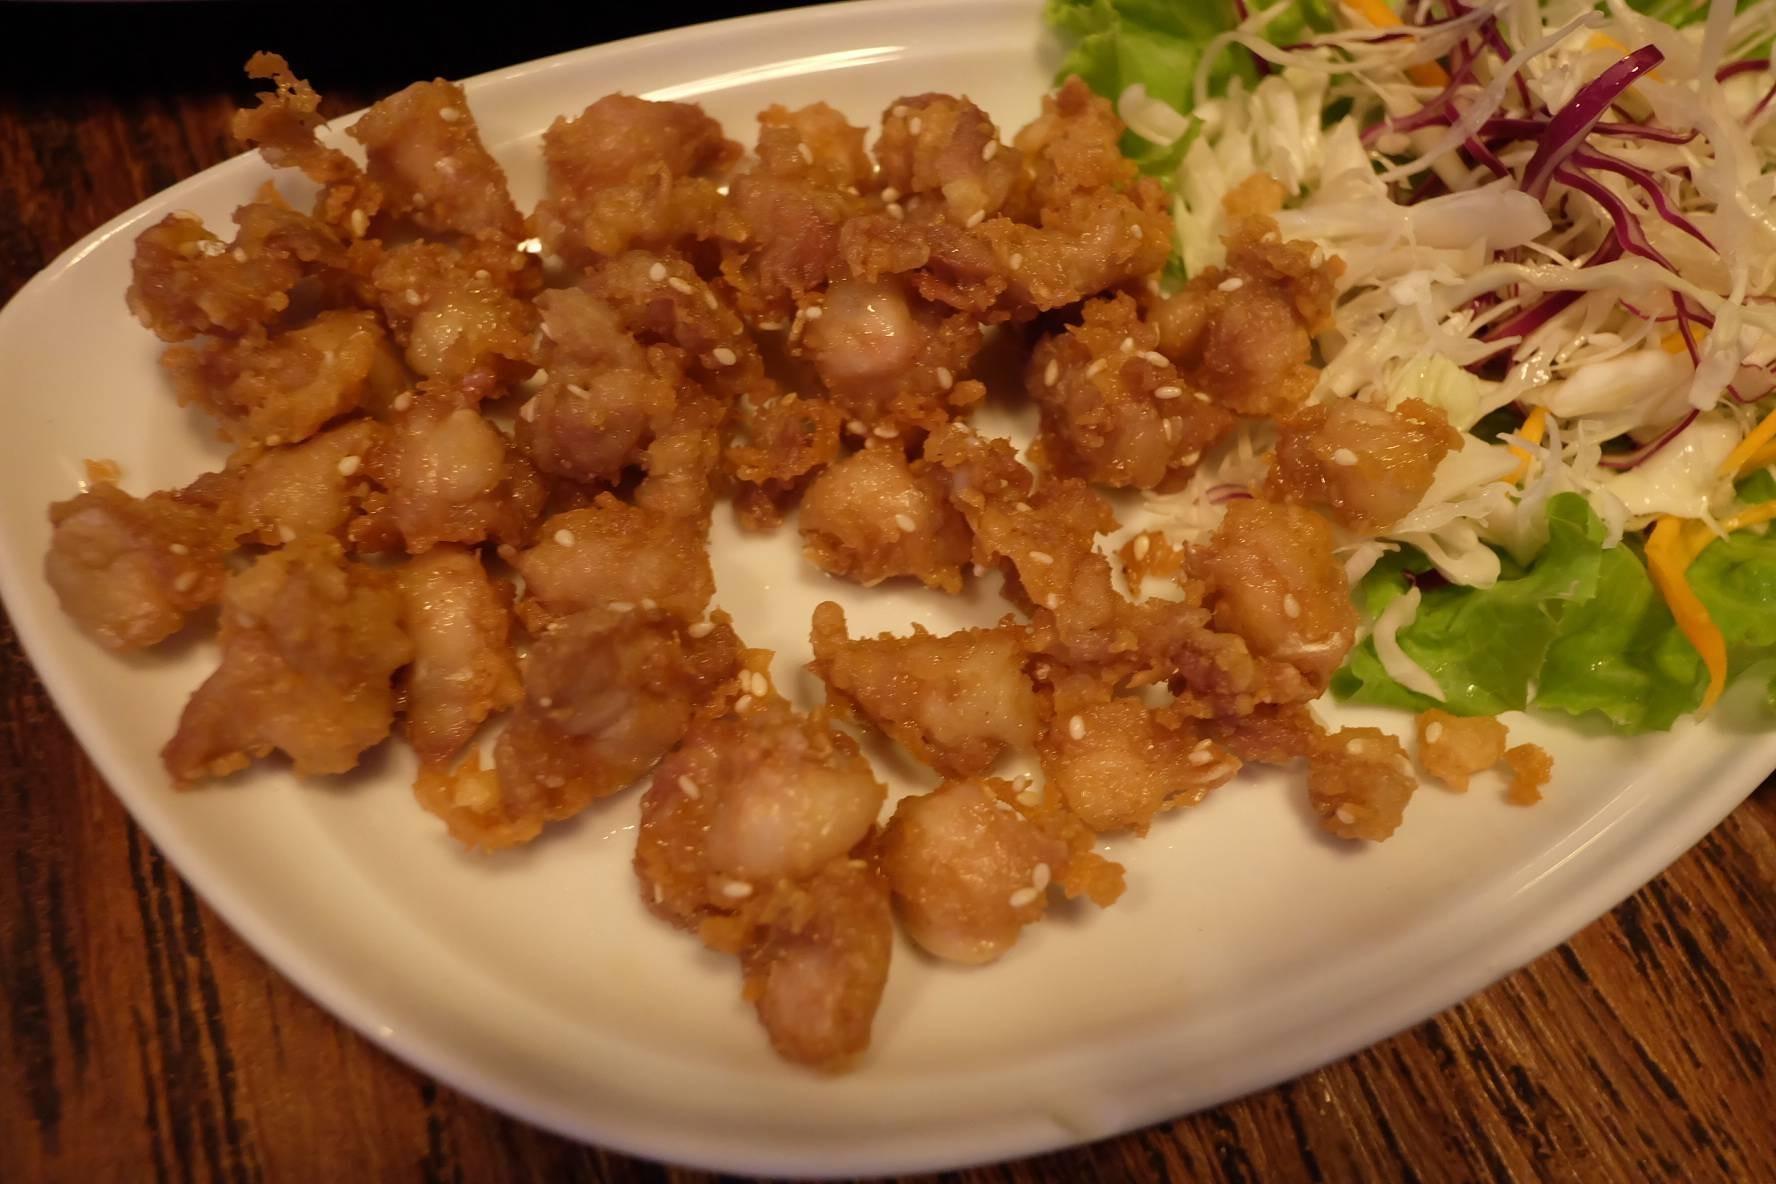 Naiyang Park Restaurant ไนยางปาร์ค รีสอร์ท